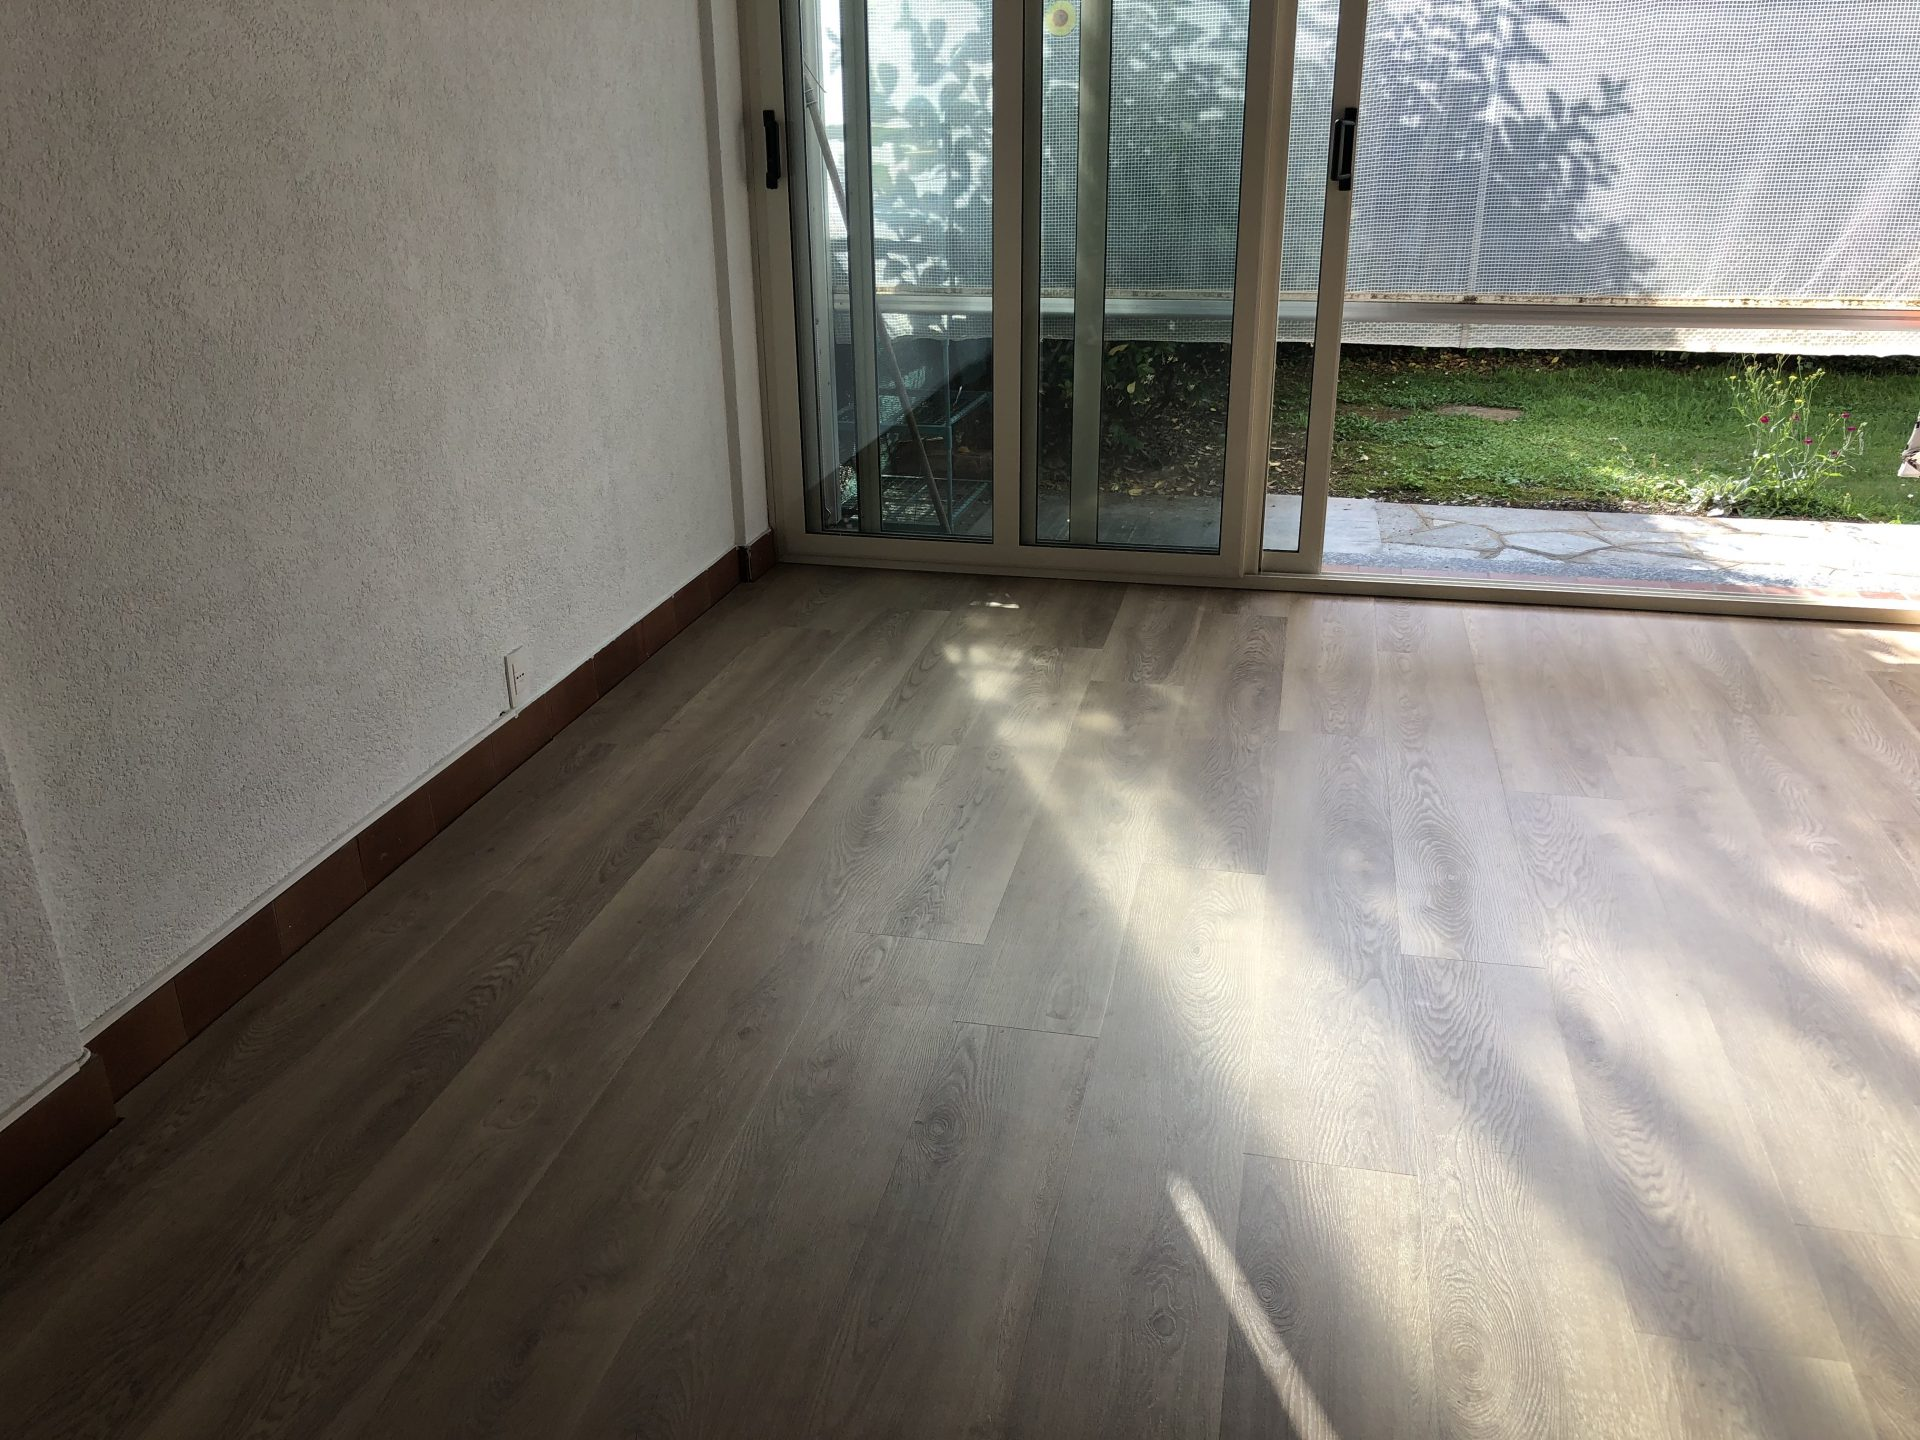 Dettaglio pavimento vinilico effetto legno